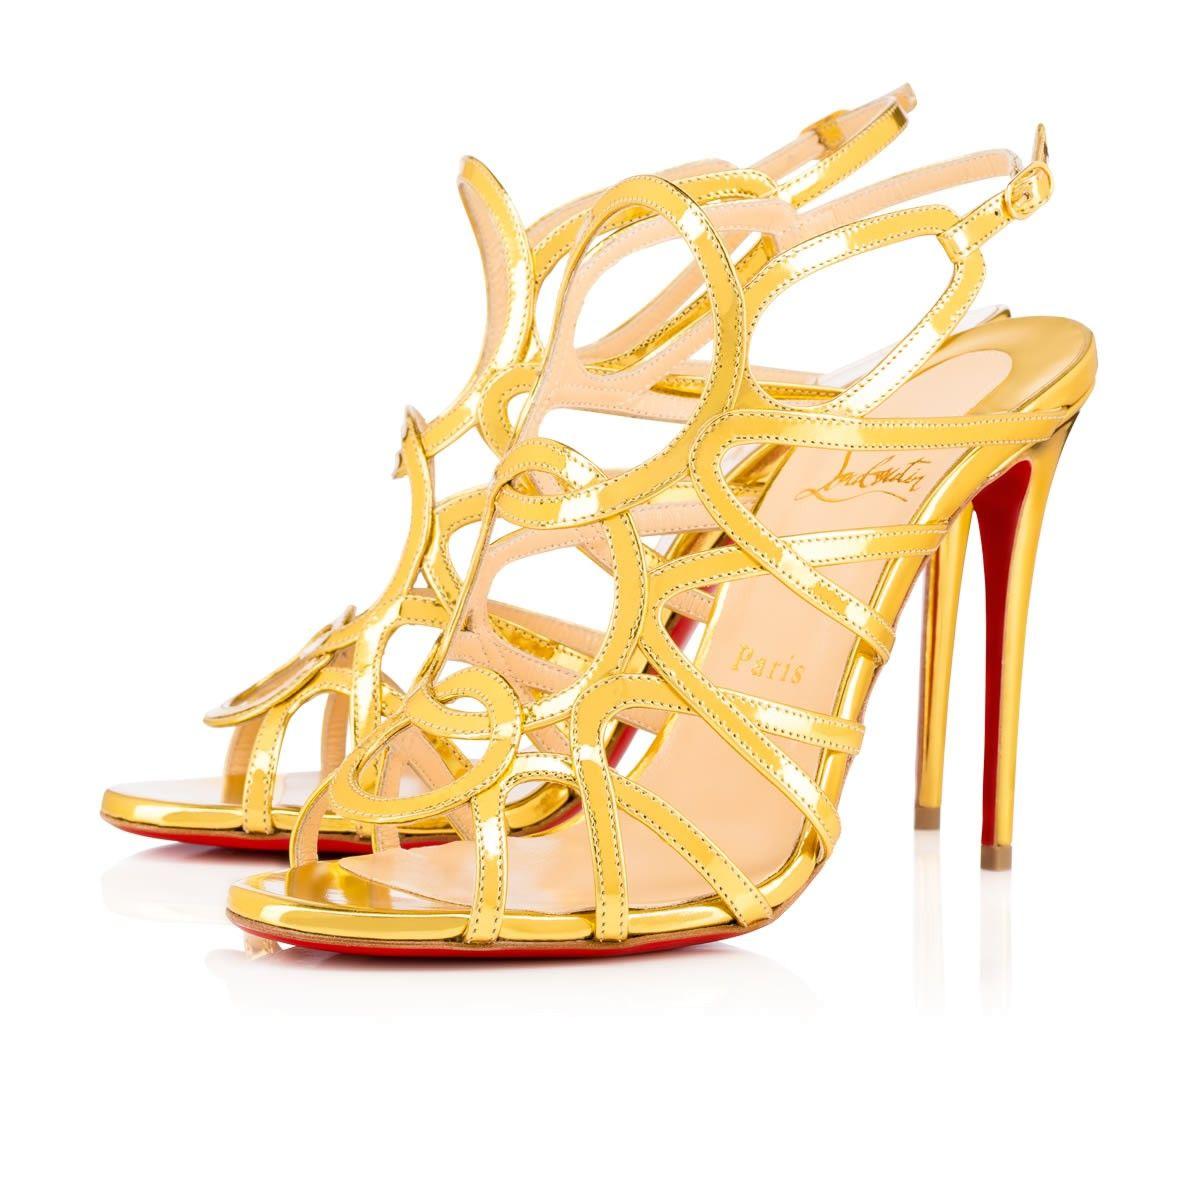 ce1763deef42 CHRISTIAN LOUBOUTIN Circonvolulu 100 Gold Leather - Women Shoes - Christian  Louboutin.  christianlouboutin  shoes